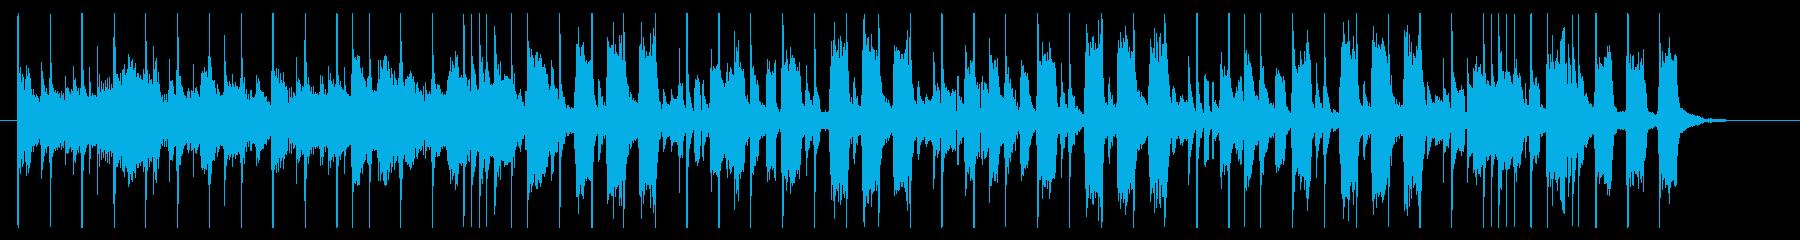 パーカッションが熱いポップロック風BGMの再生済みの波形